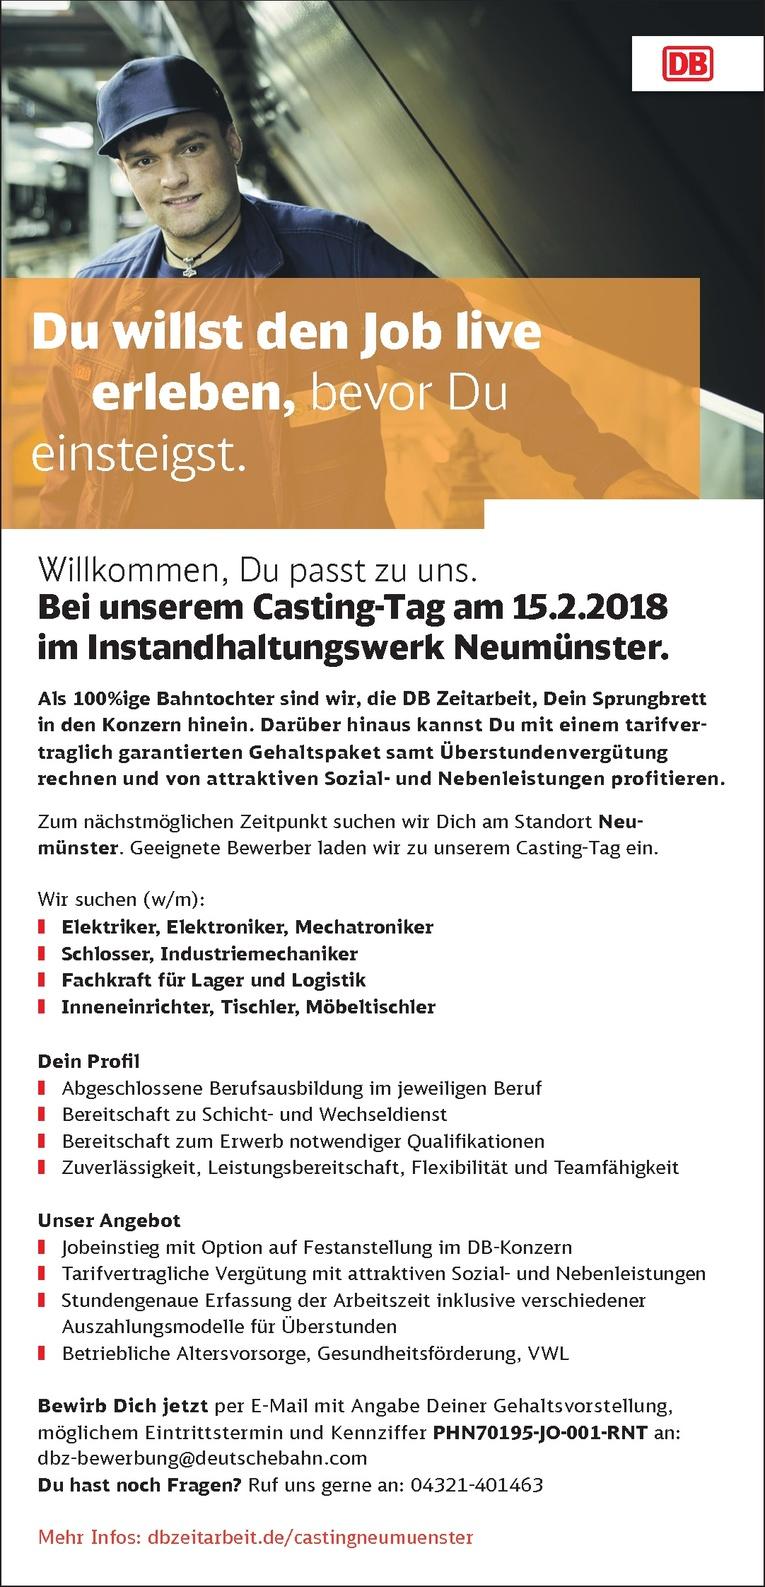 Inneneinrichter, Tischler, Möbeltischler (m/w)